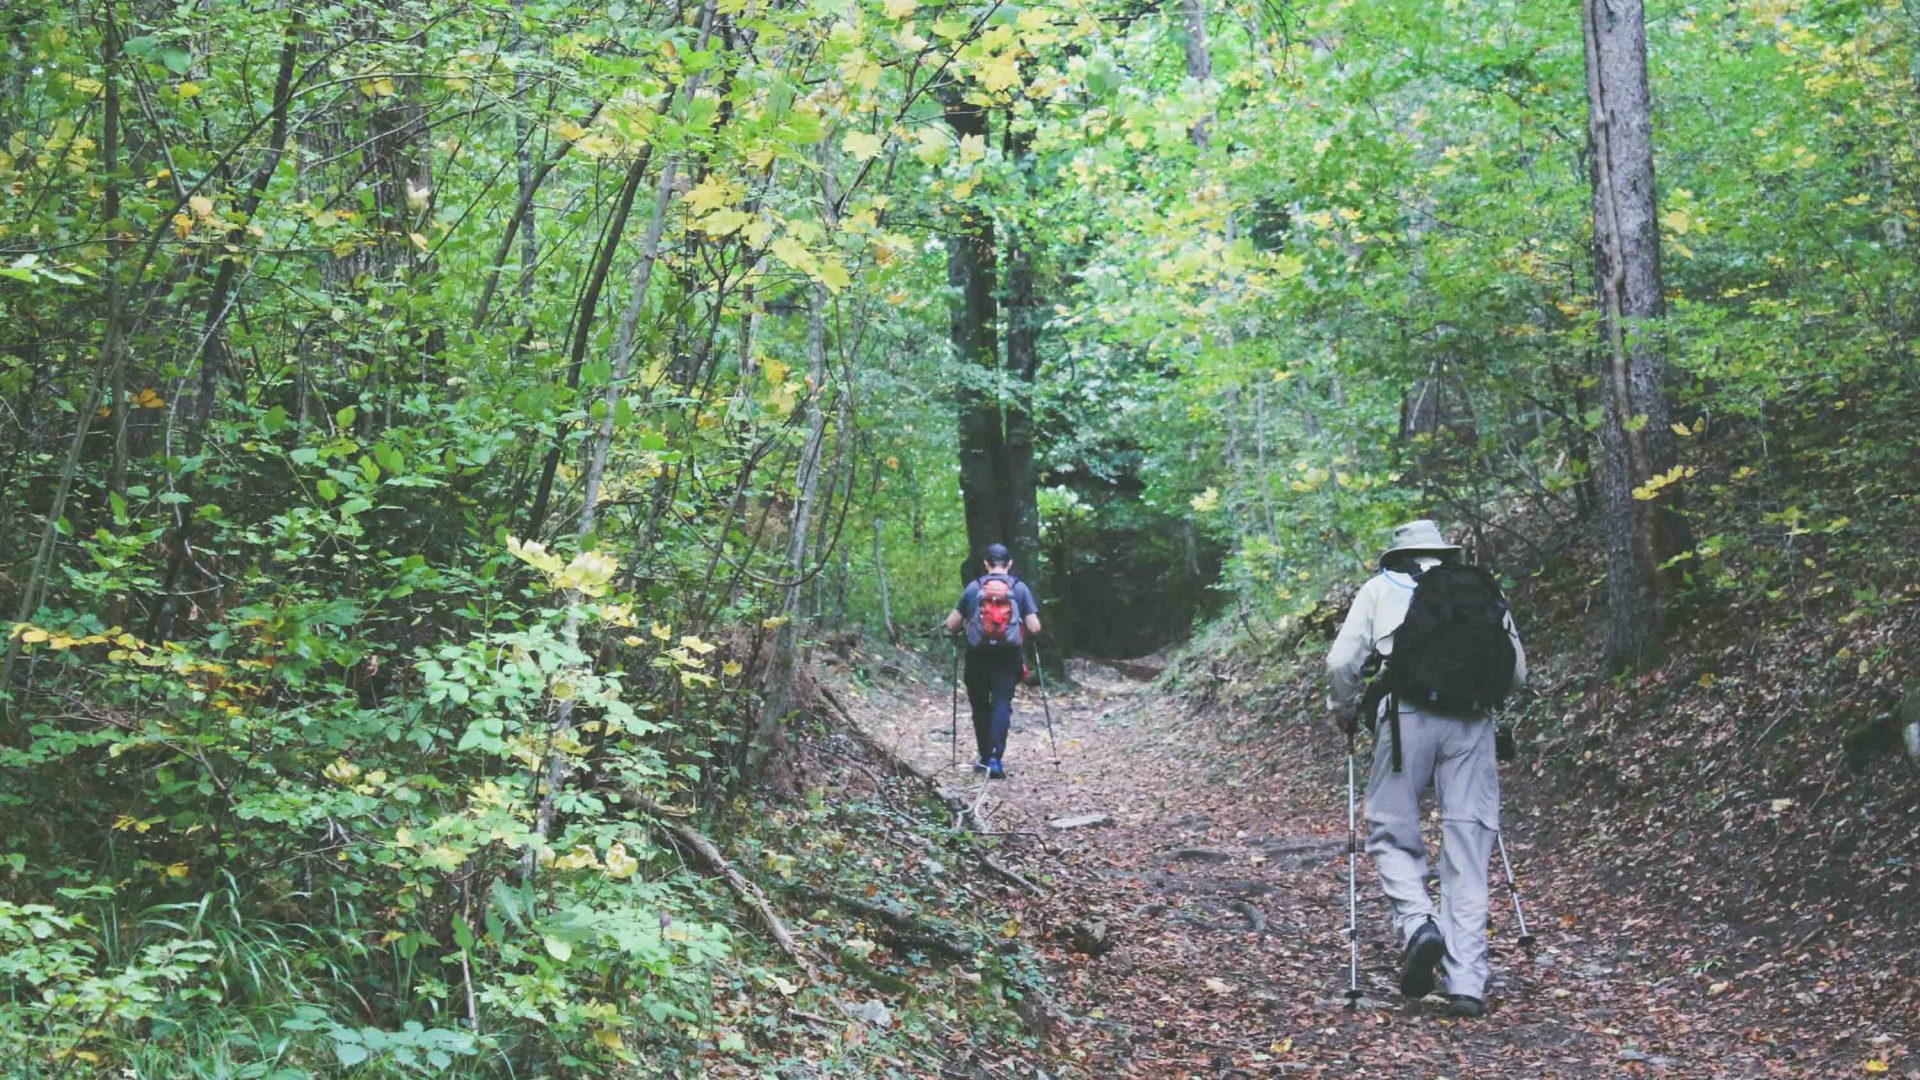 A forest path in Liechtenstein.